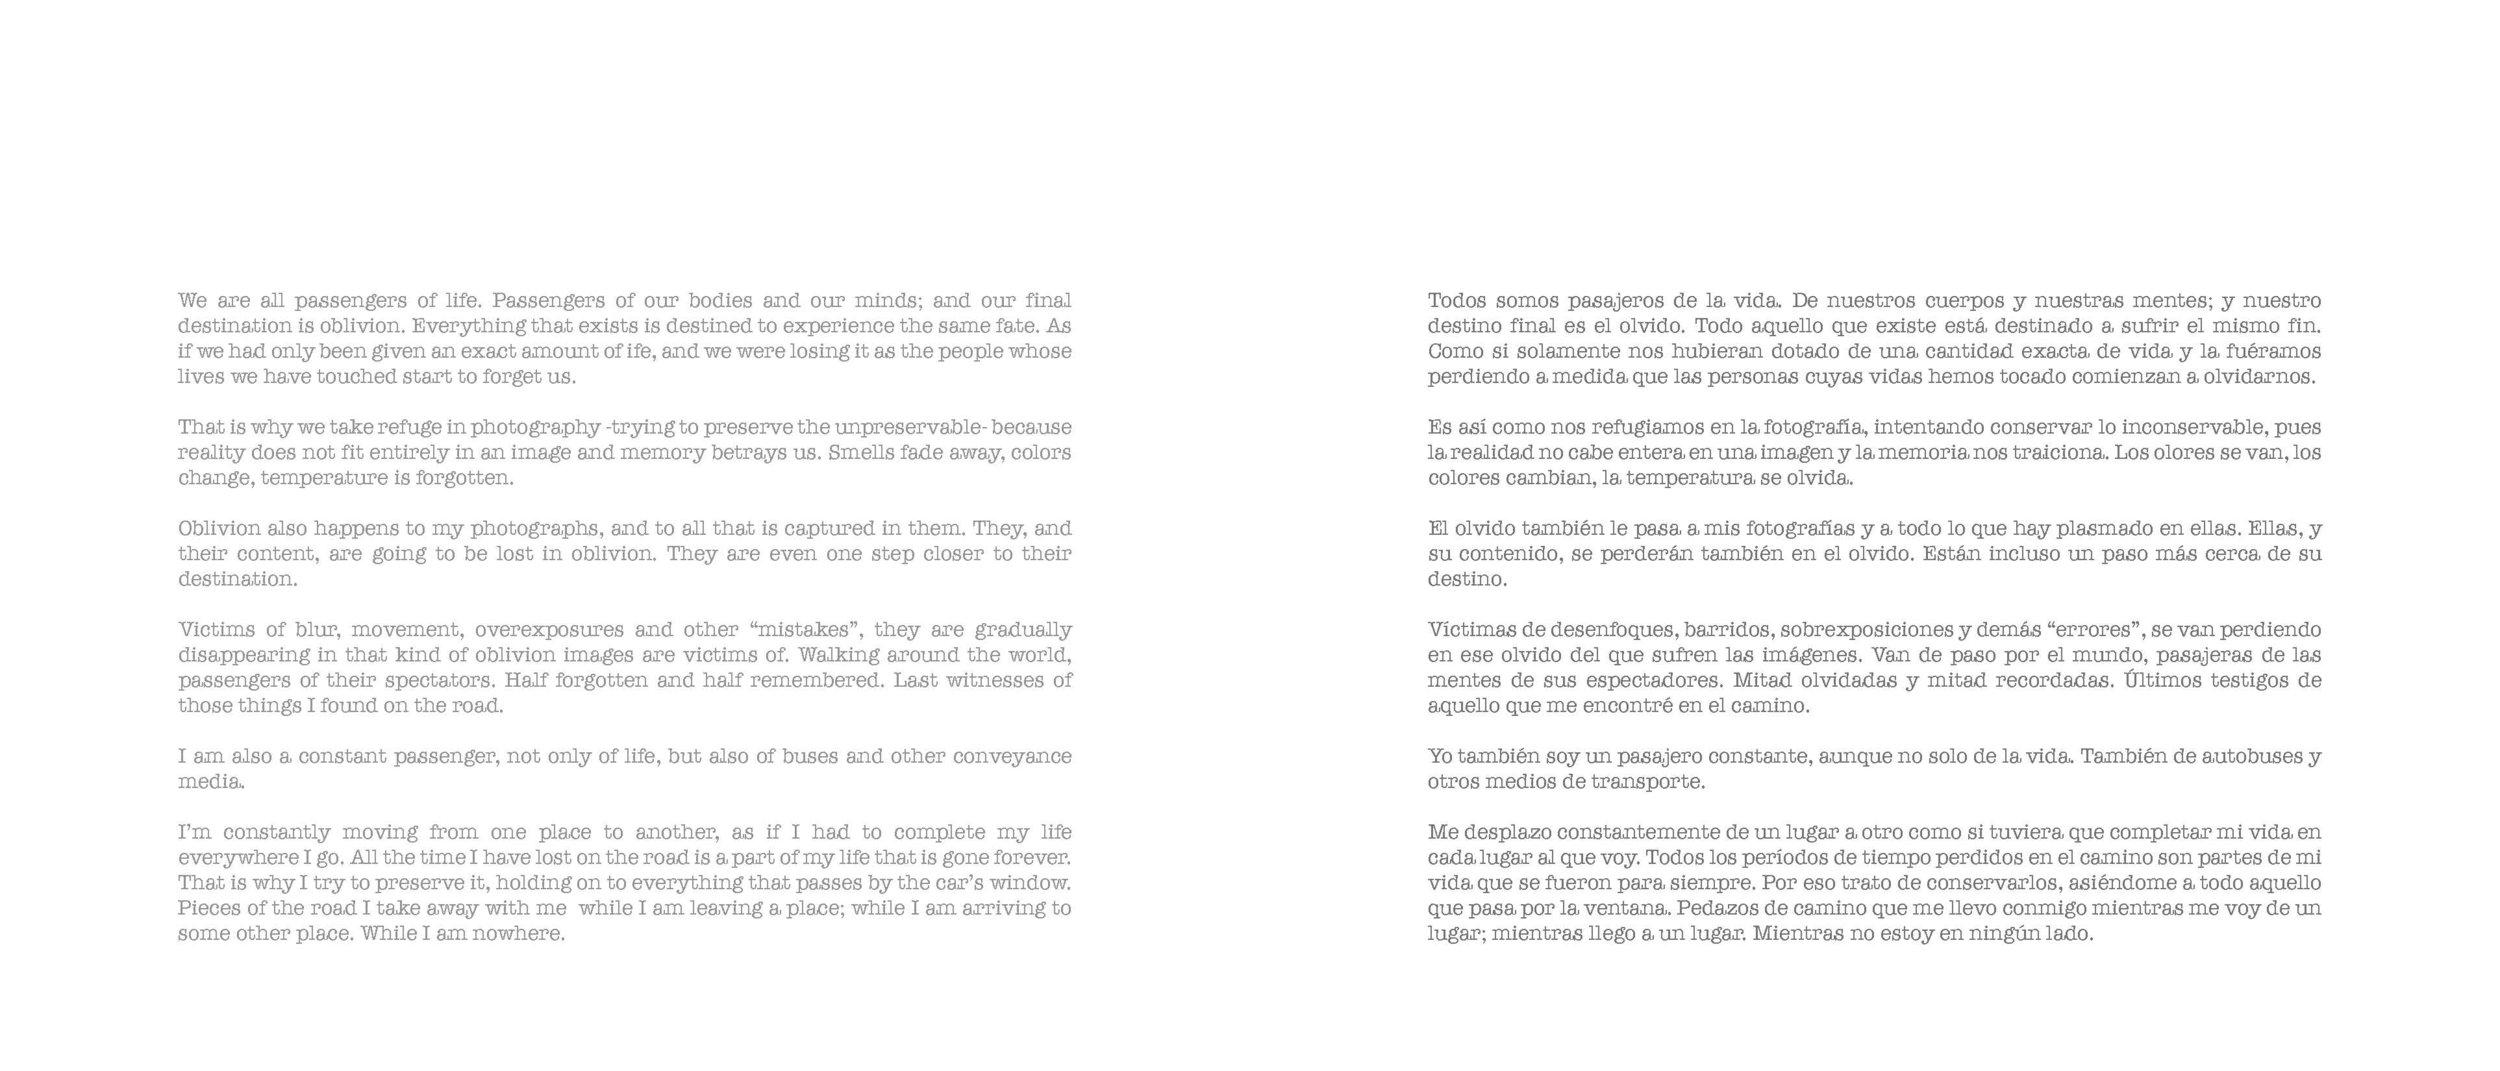 Pasajeros [revised]_Page_04.jpg